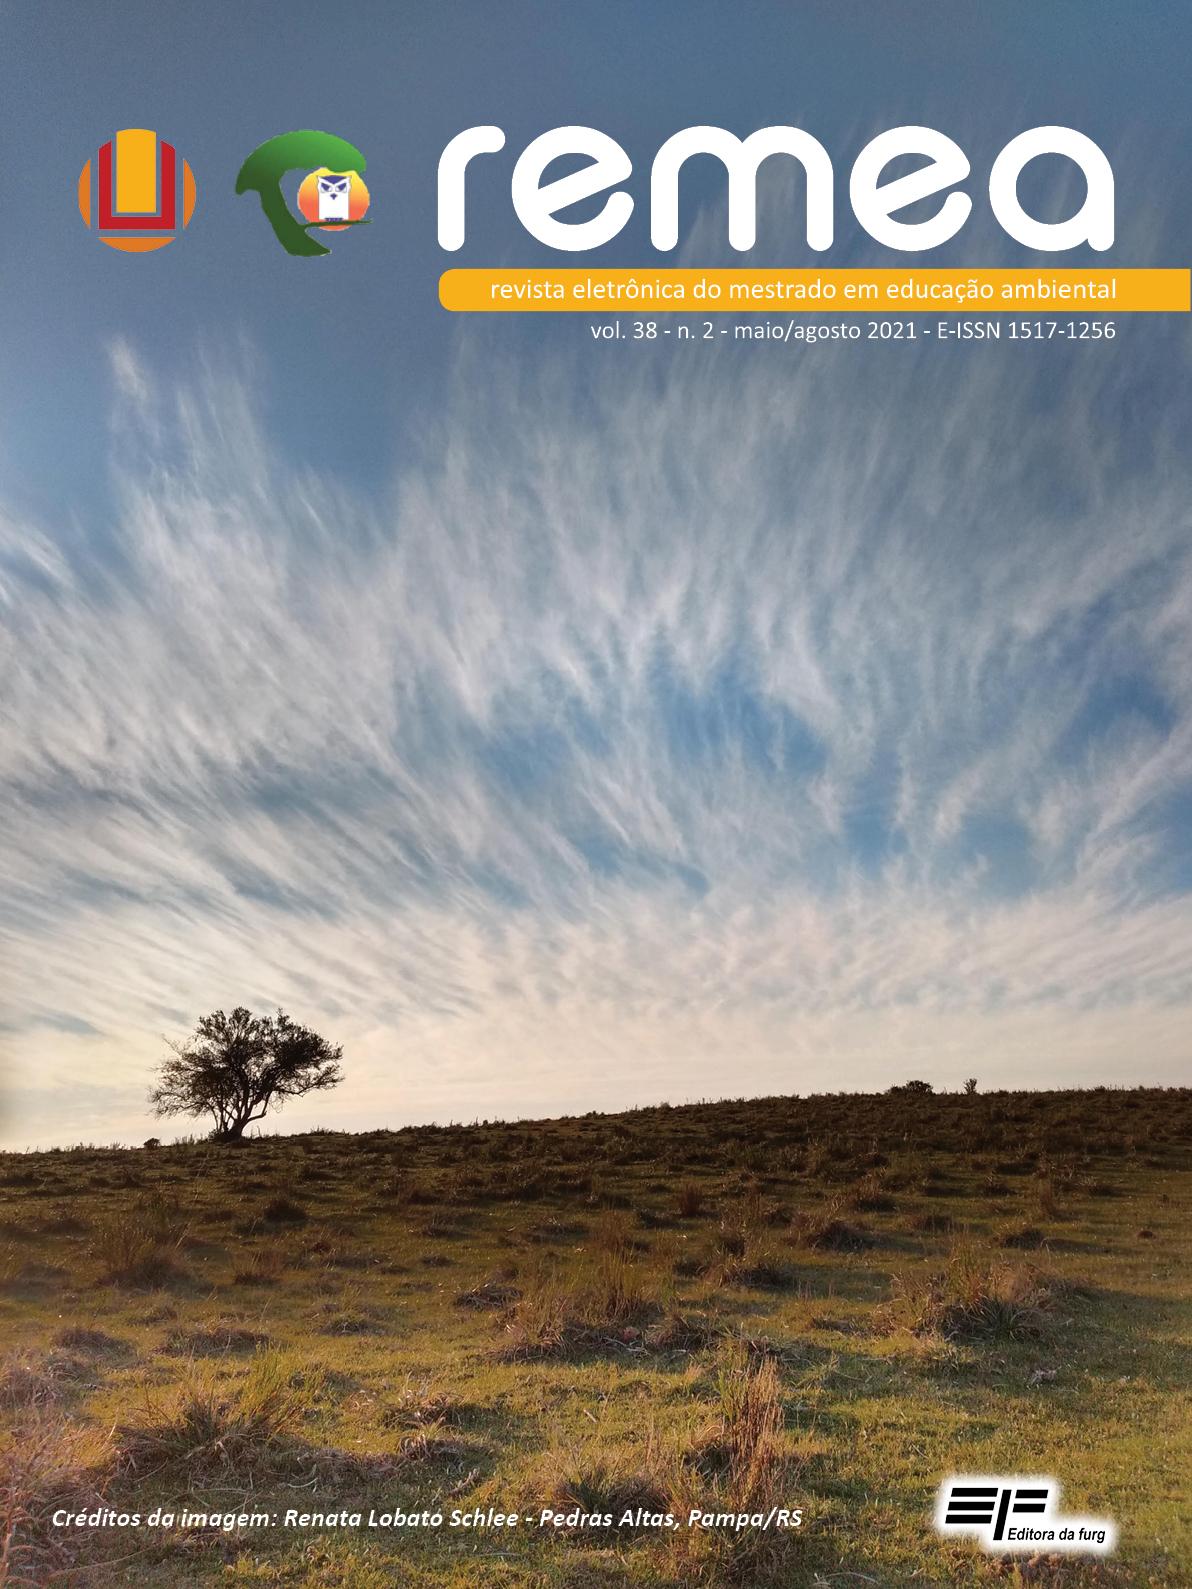 A imagem mostra um campo que apresenta uma única árvore, o céu está azul com nuvens formando desenhos.